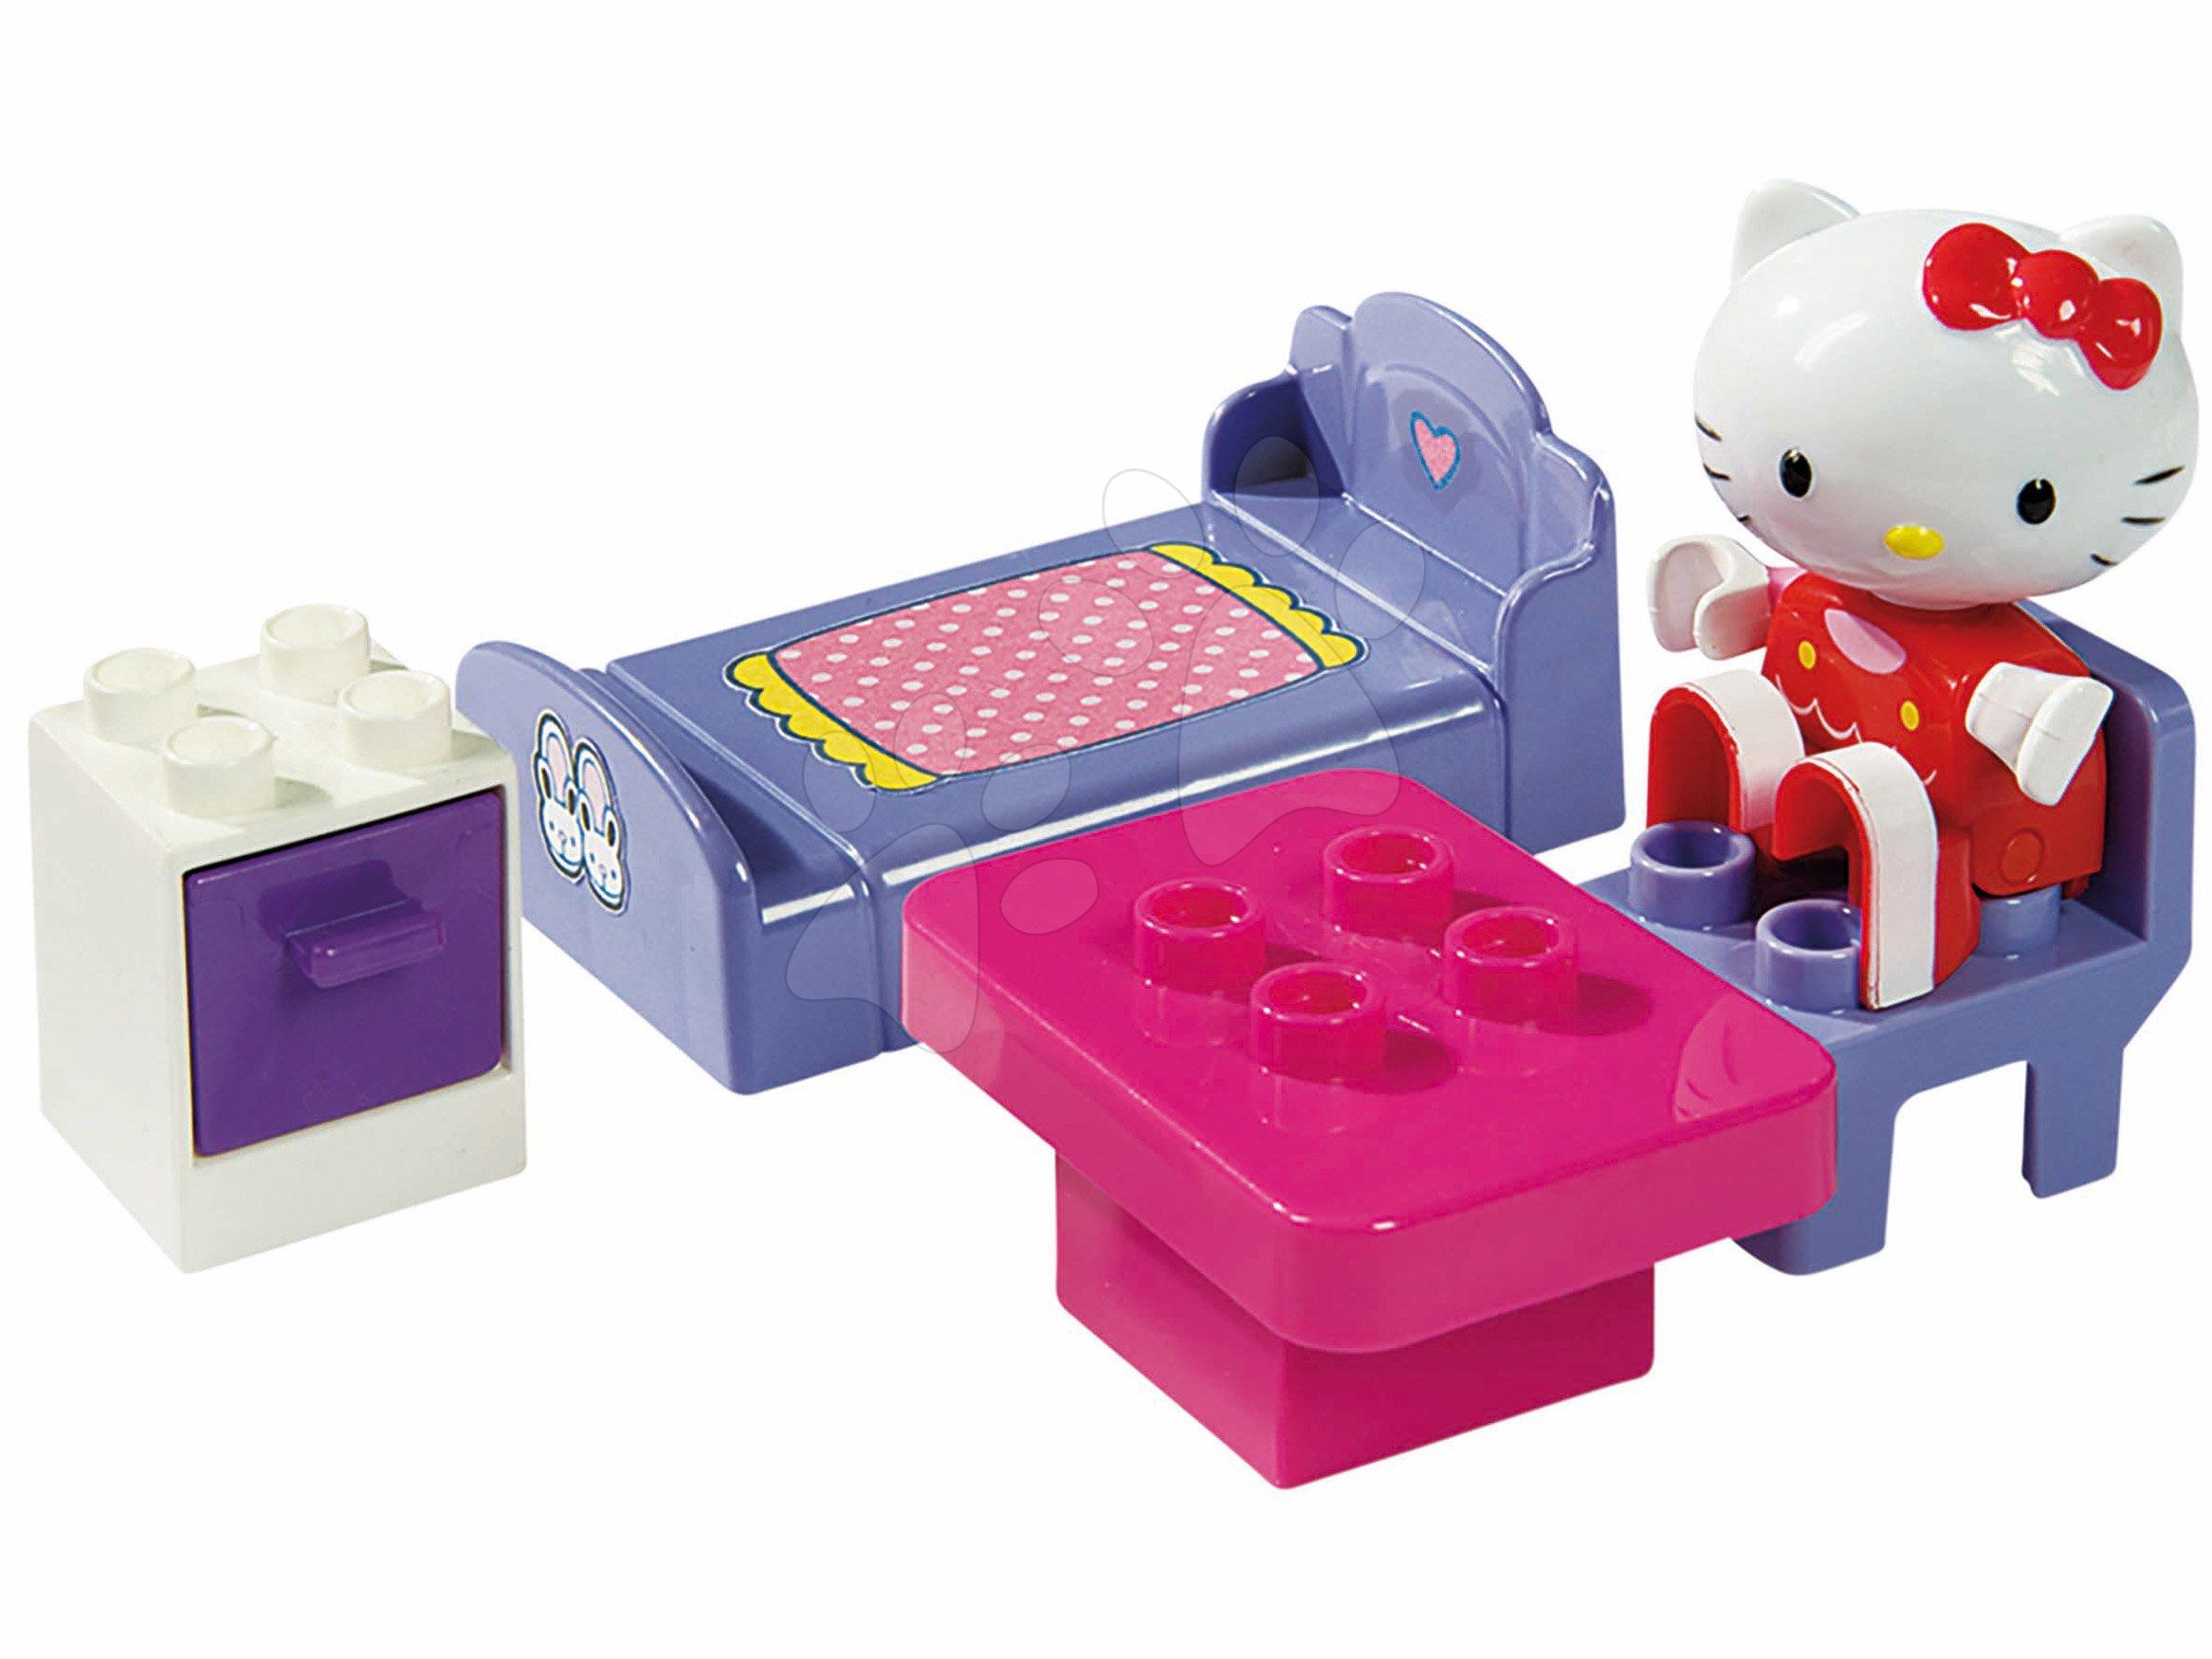 Stavebnice PlayBIG Bloxx Starter Box BIG Hello Kitty v ložnici na židli od 18 měsíců